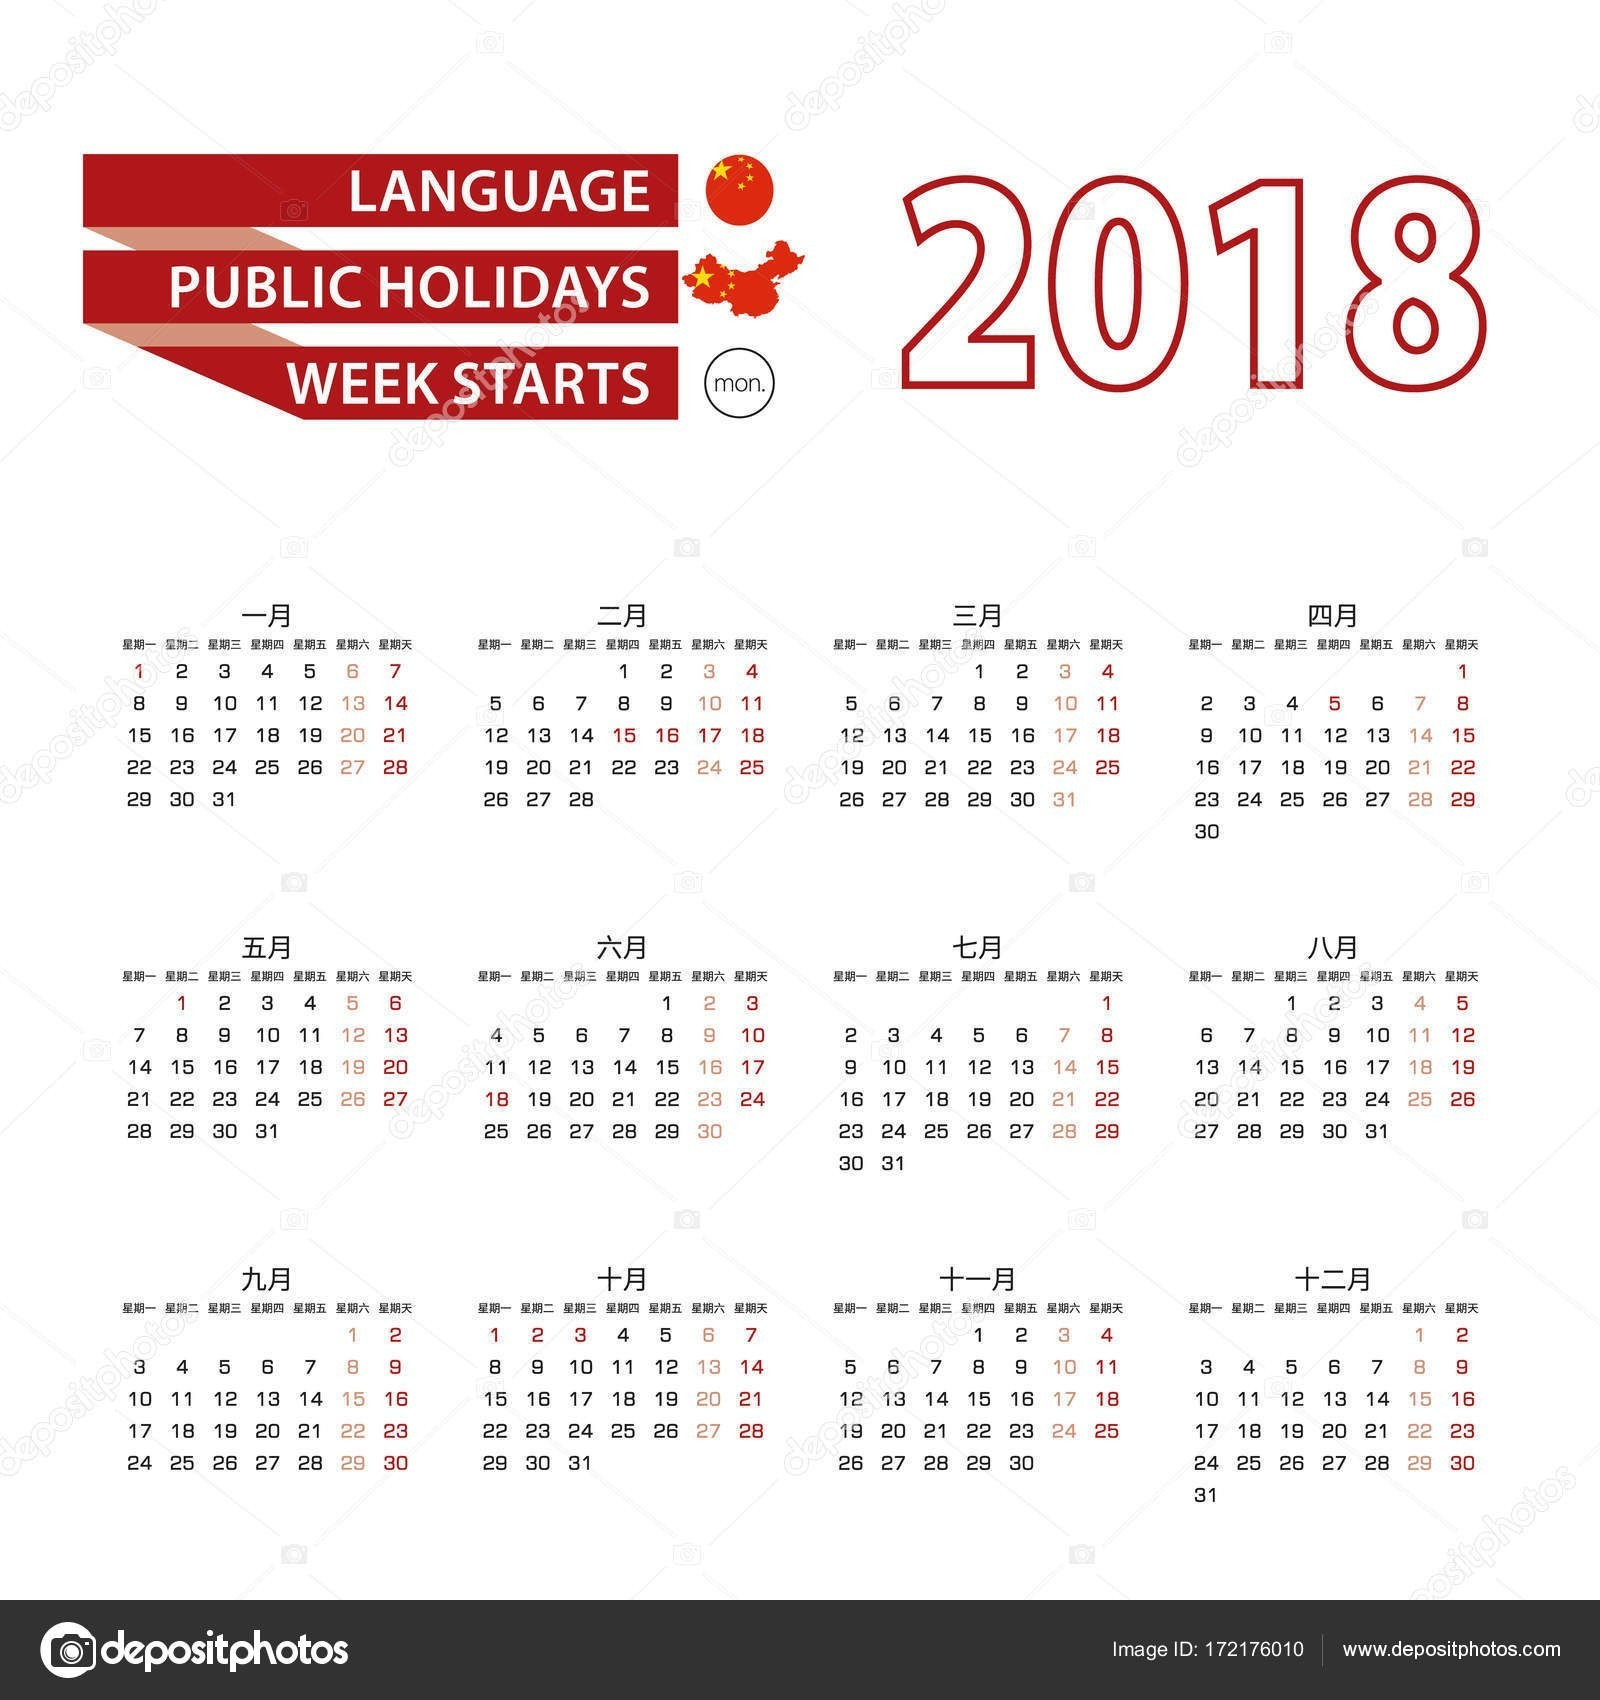 Calendario Enero 2019 Para Imprimir A4 Más Recientes Informes Kalender 2019 Mandarin Calendario 2019 Of Calendario Enero 2019 Para Imprimir A4 Actual Calendario Diciembre De 2019 53ld Calendario T